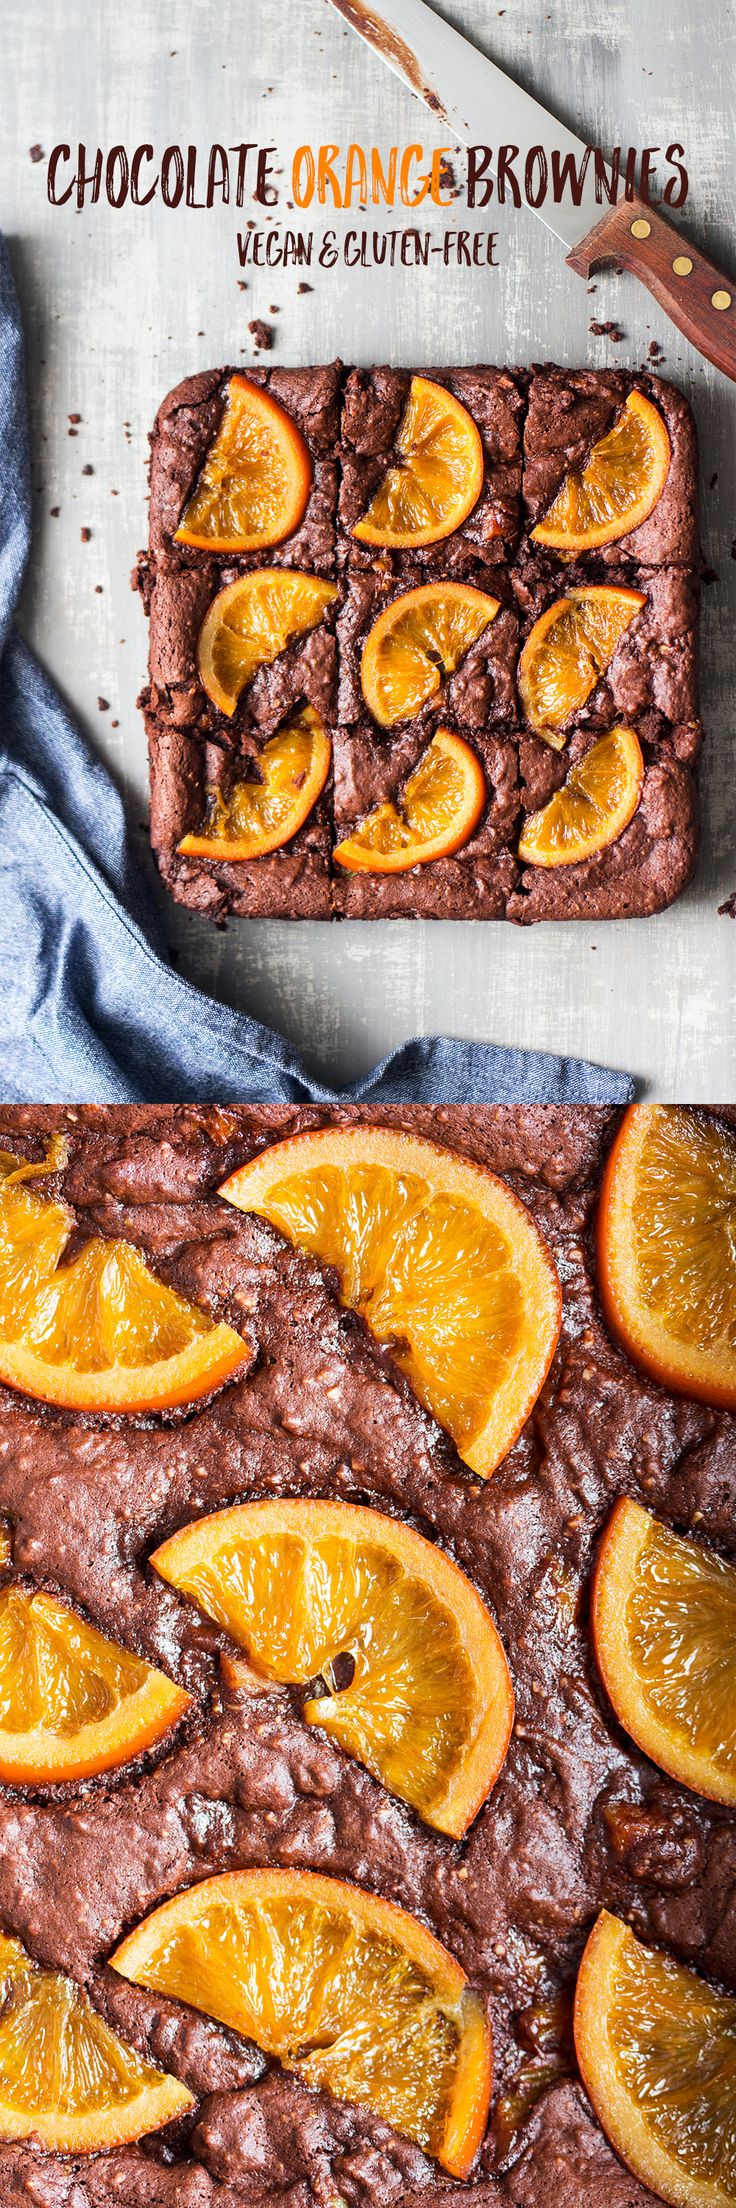 fudgy chocolate orange vegan  brownies